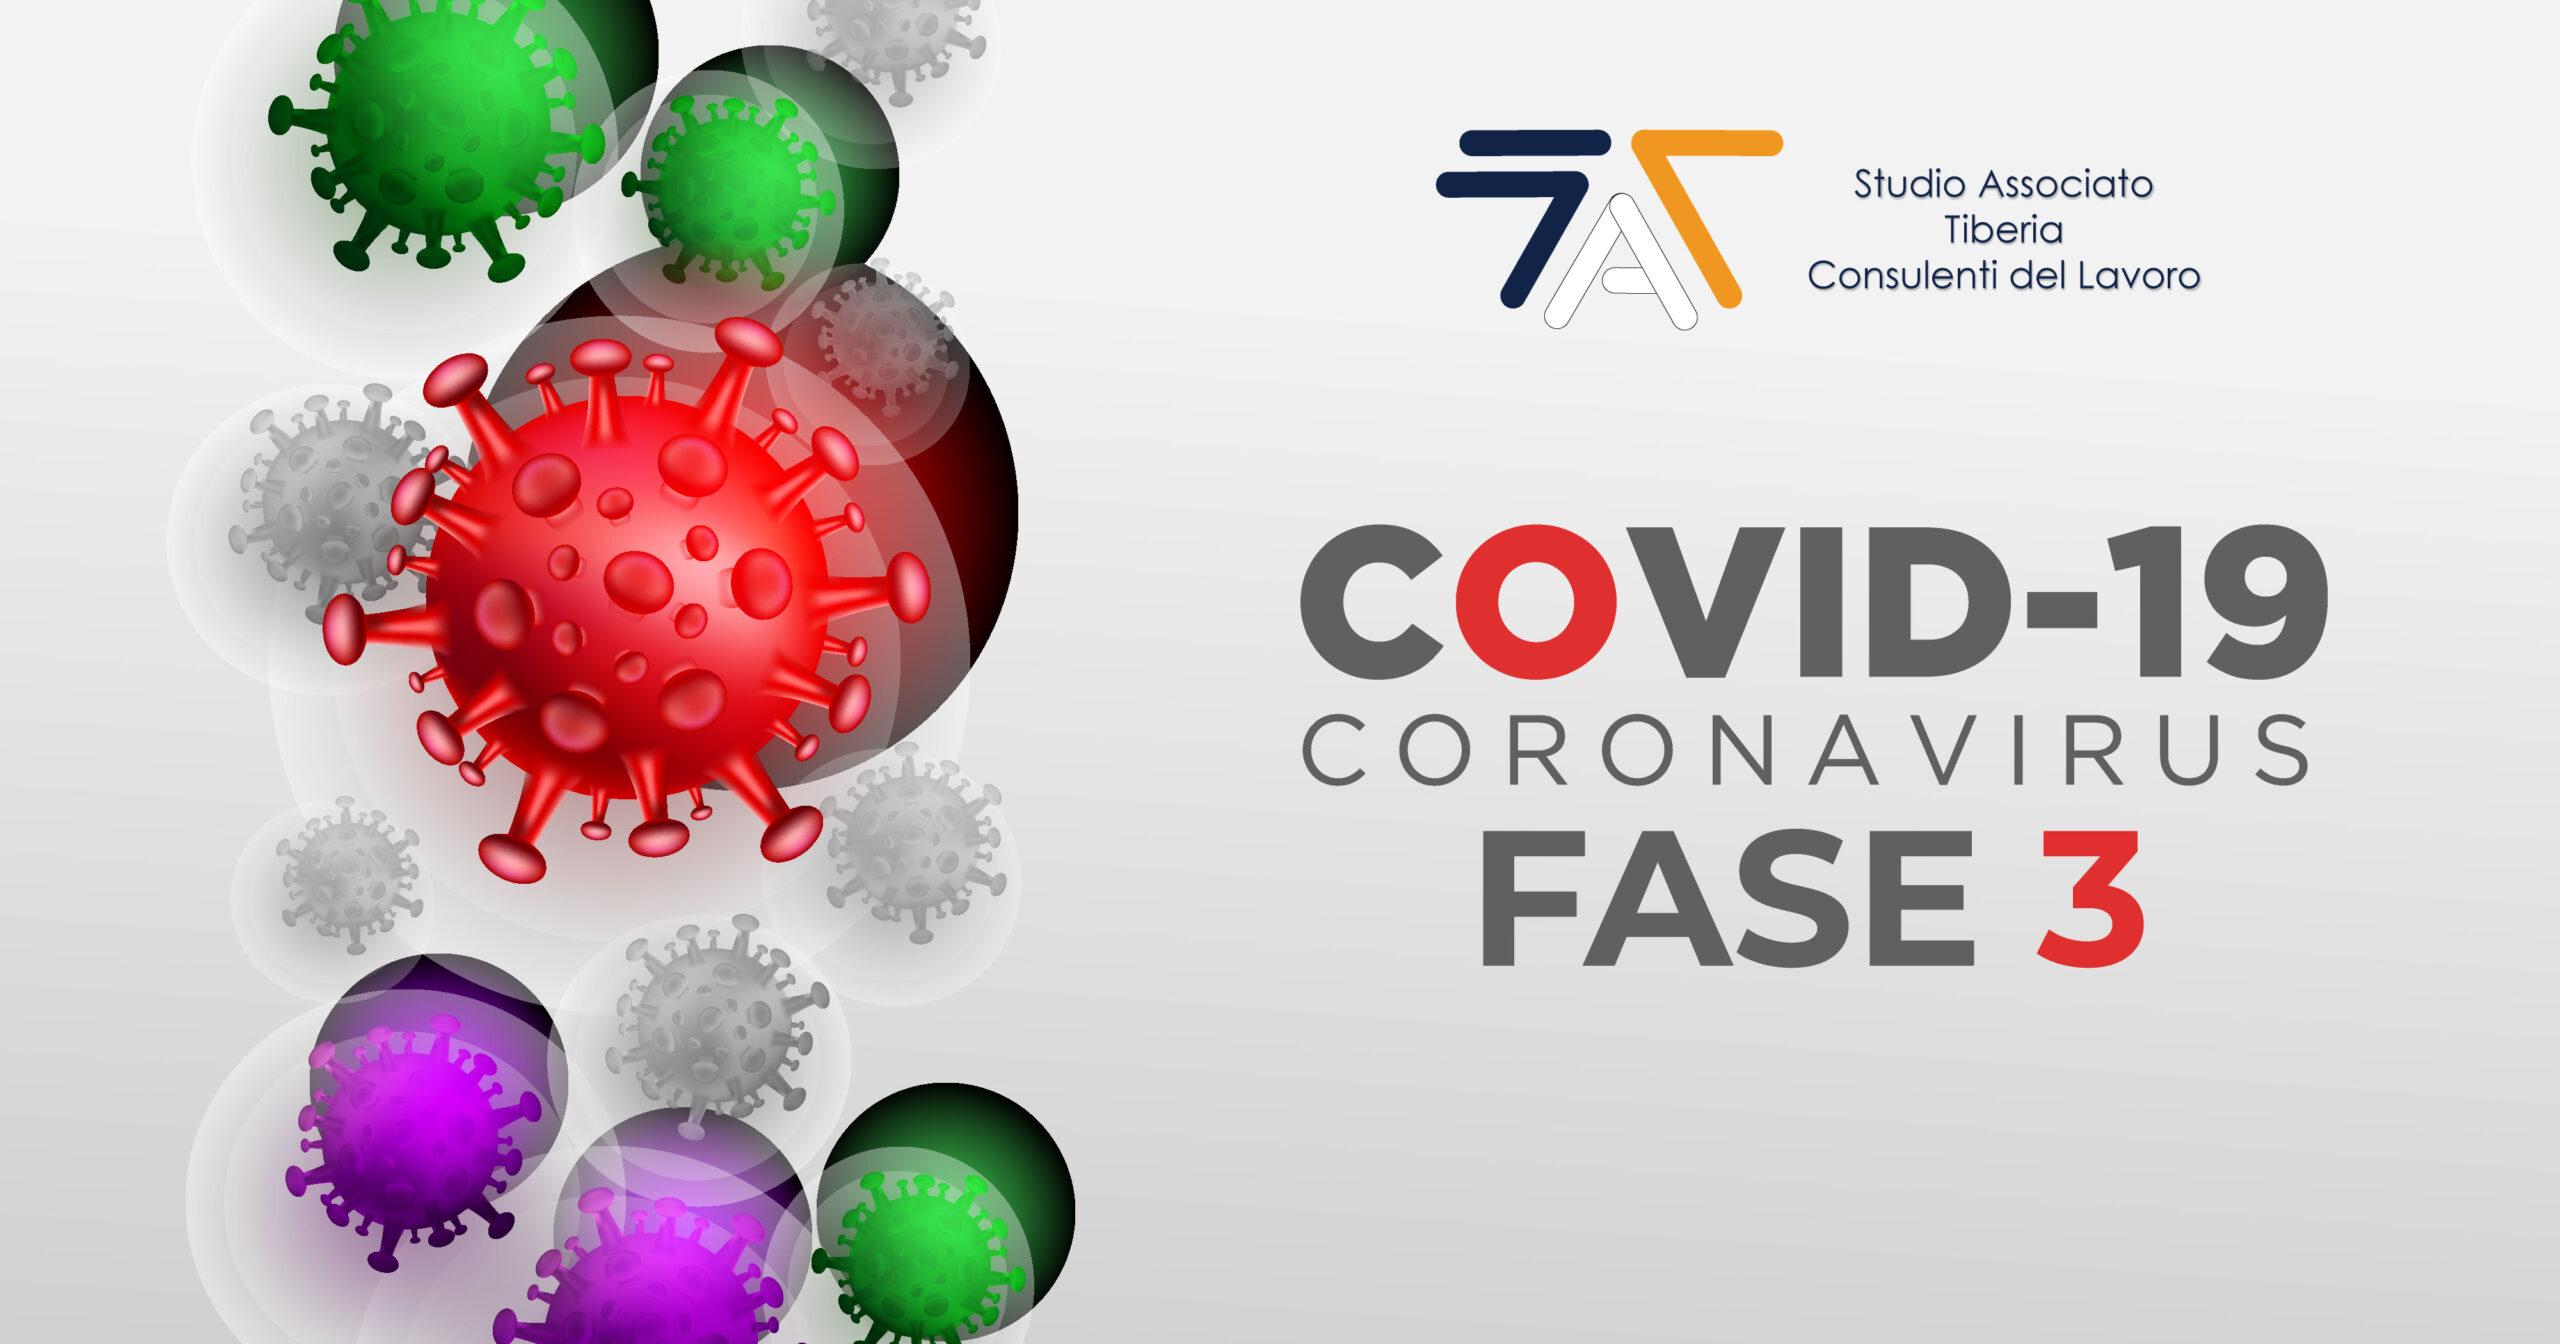 COVID-19: Nuove indicazioni per l'isolamento e la quarantena